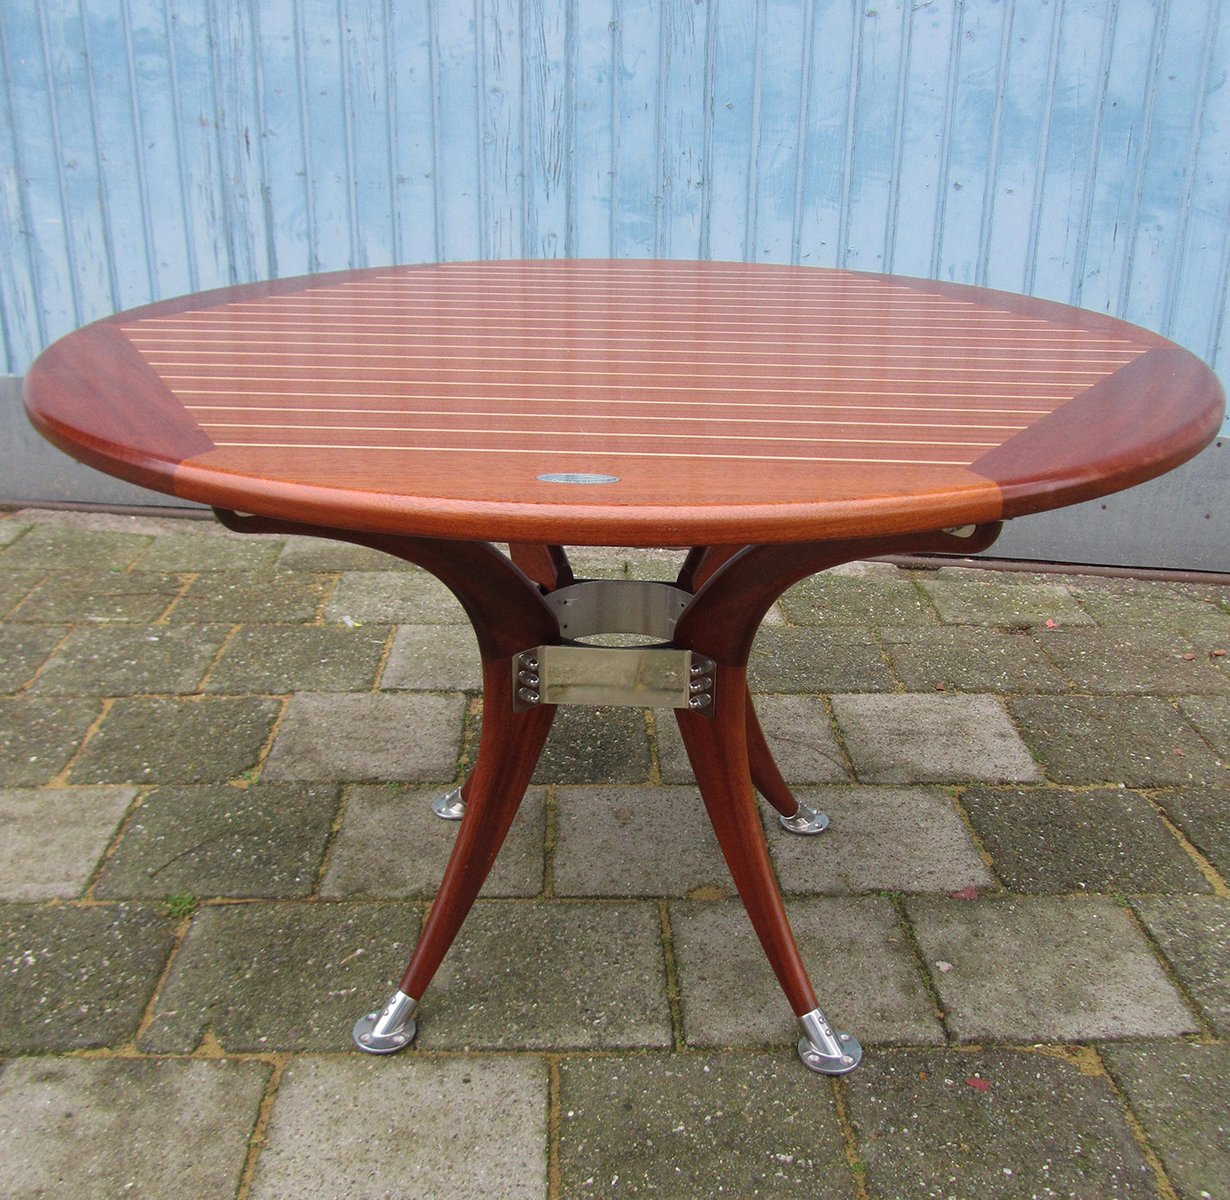 Tavolo da giardino rotondo allungabile vintage di deckline in vendita su pamono - Tavolo rotondo vintage ...